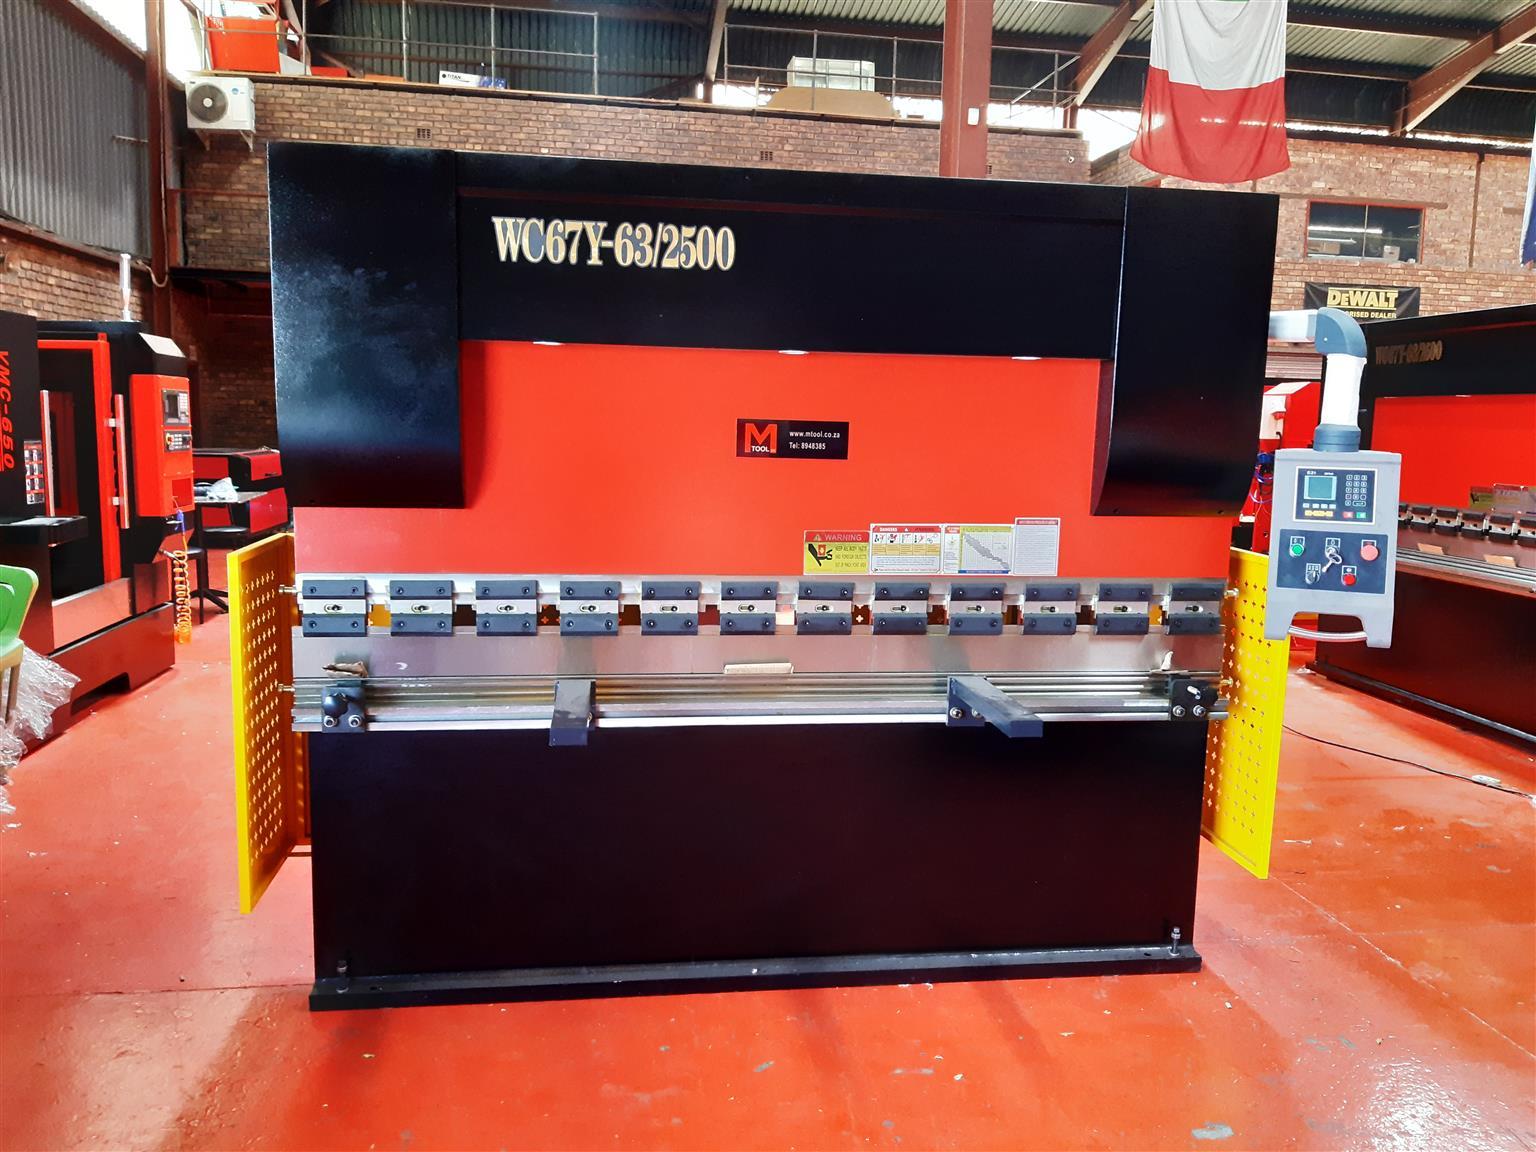 New Hydraulic press brake WC67Y-63x2500